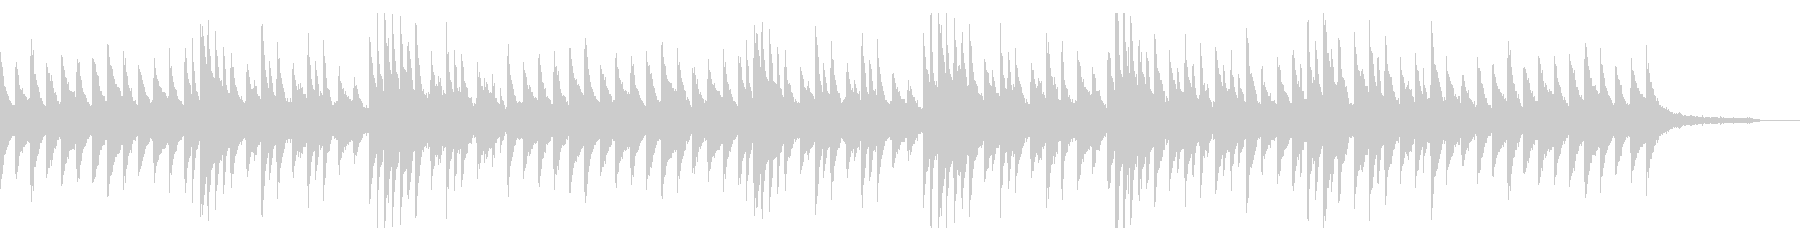 【ピアノのみ】淡々とした冷たい印象のピアの未再生の波形